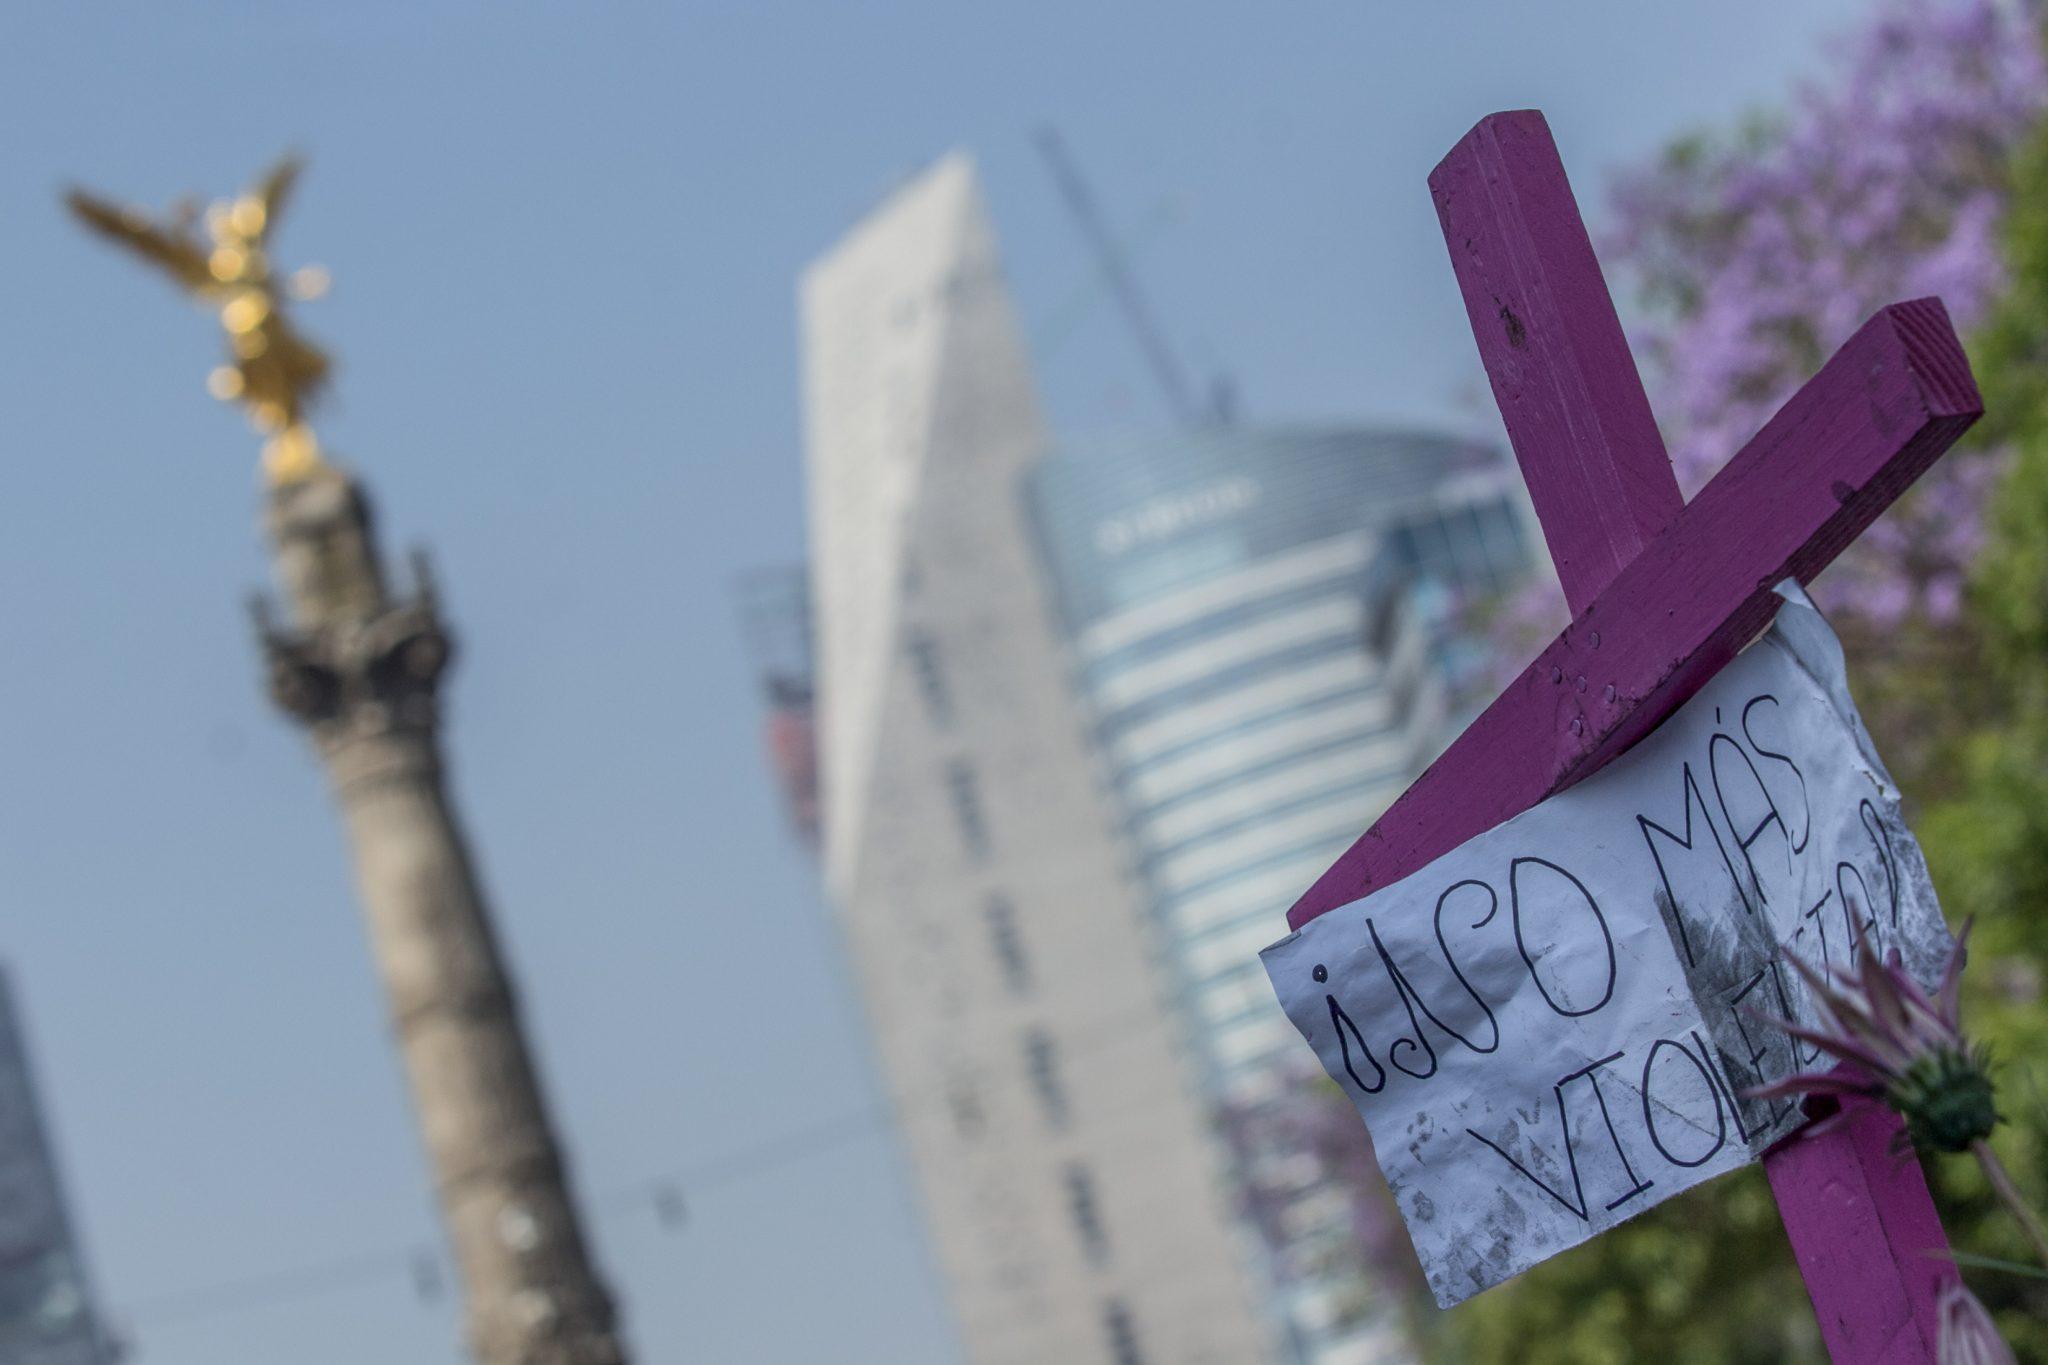 Asamblea Legislativa aprueba penas de prisión más altas para feminicidas en CDMX